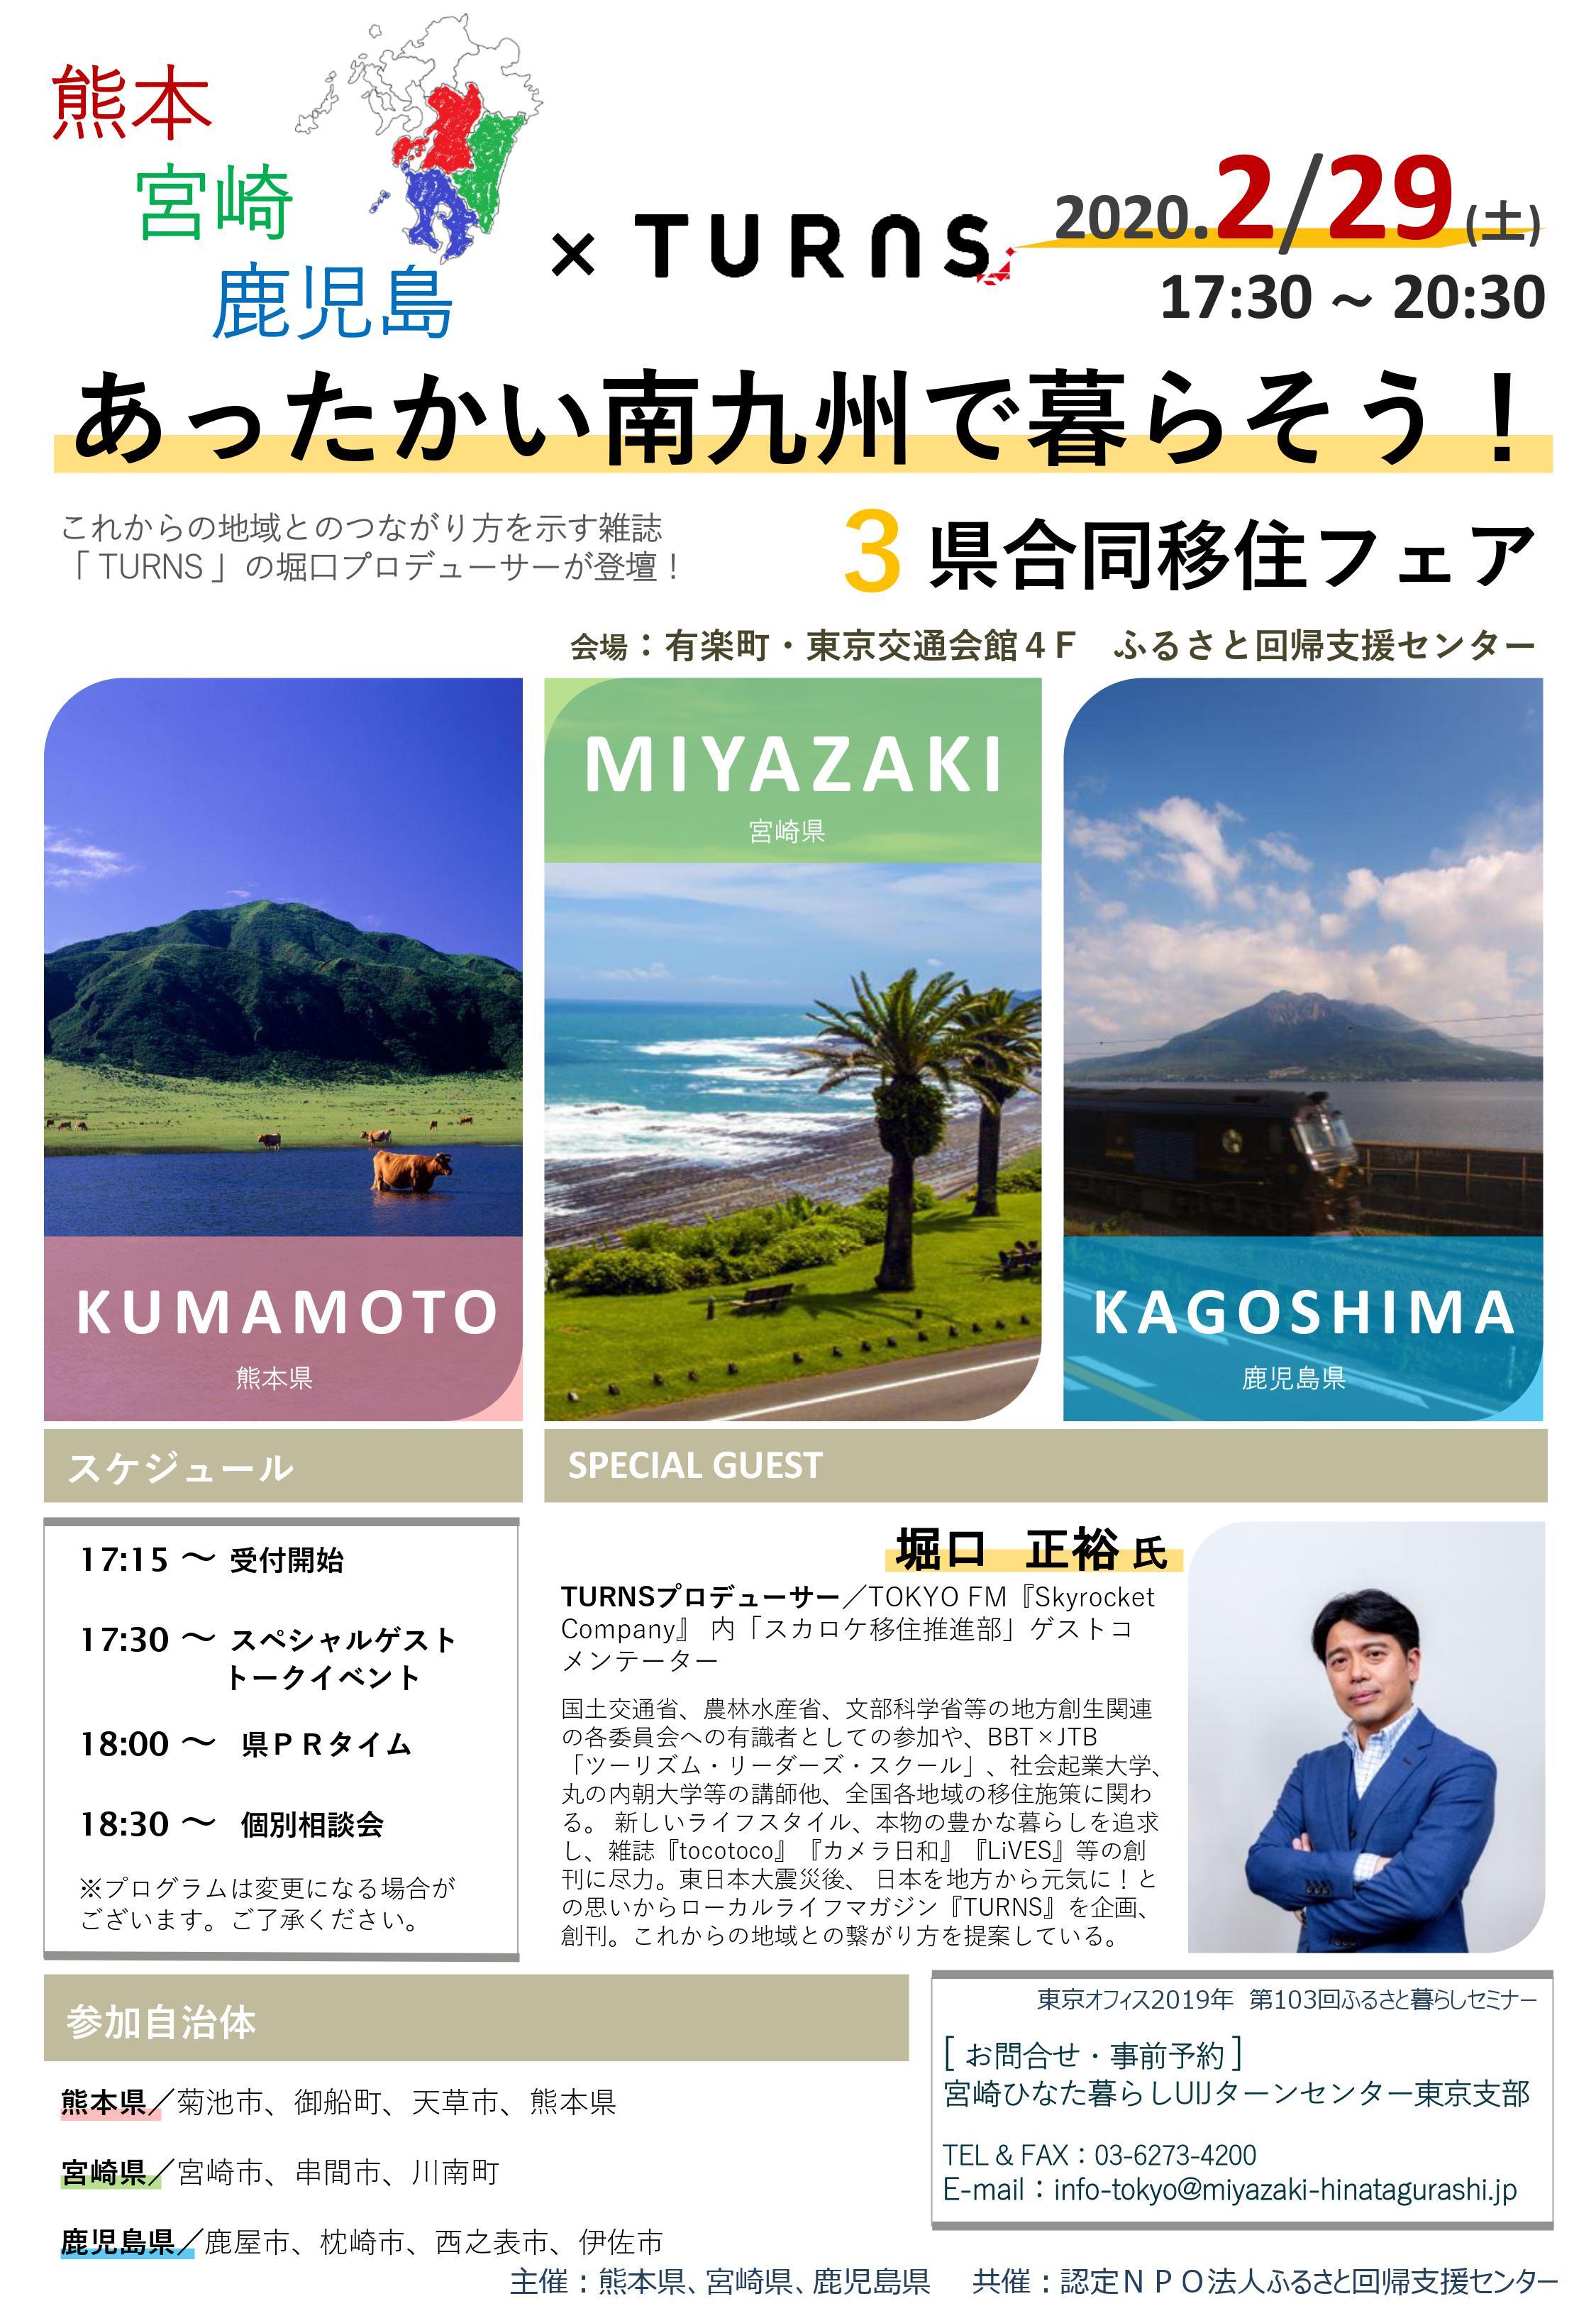 2/29(土)あったかい南九州で暮らそう!3県合同移住フェアに参加します。